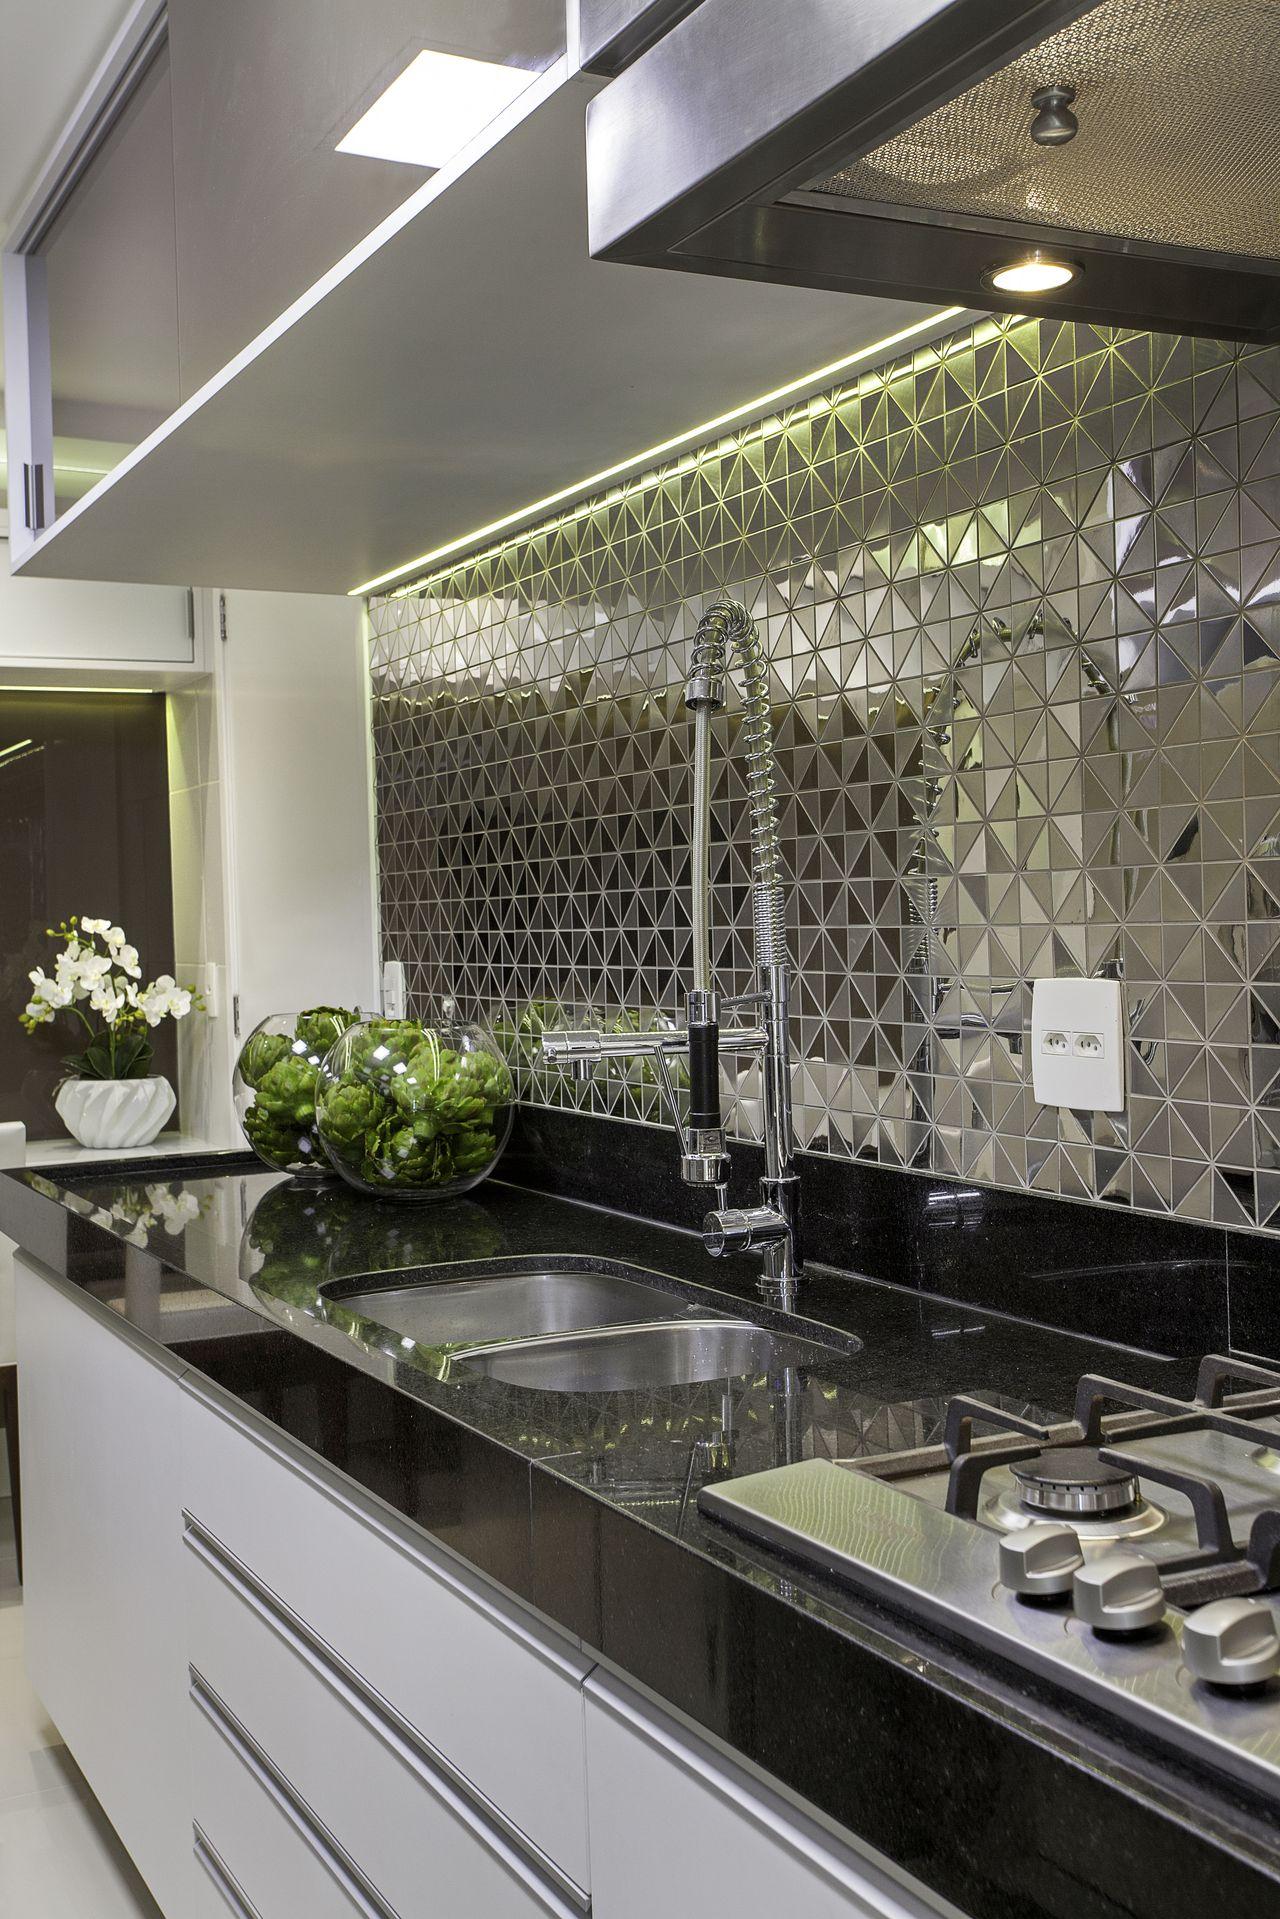 Cozinha Com Pastilhas Espelhadas De Iara Kilaris 136863 No Viva Decora